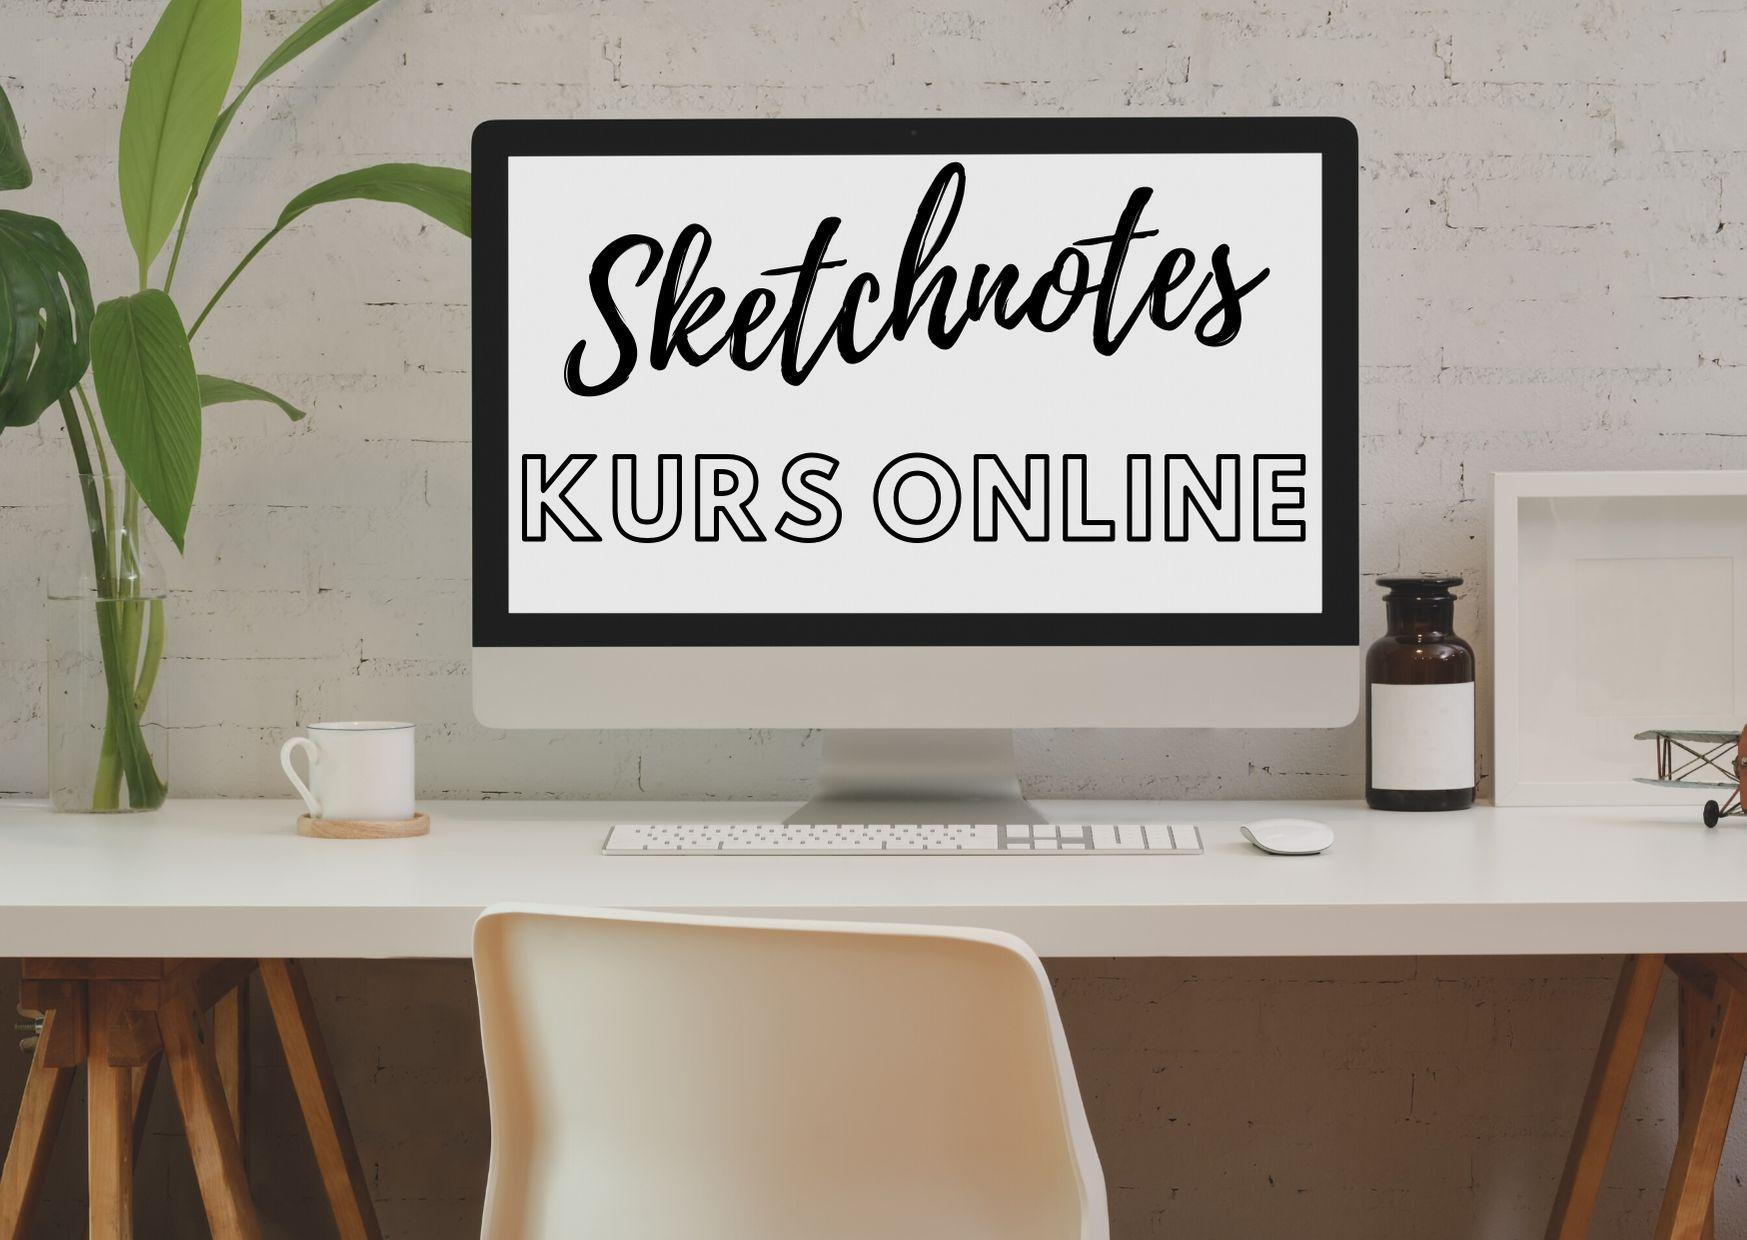 Sketchnotes - Sketchnotes kurs online